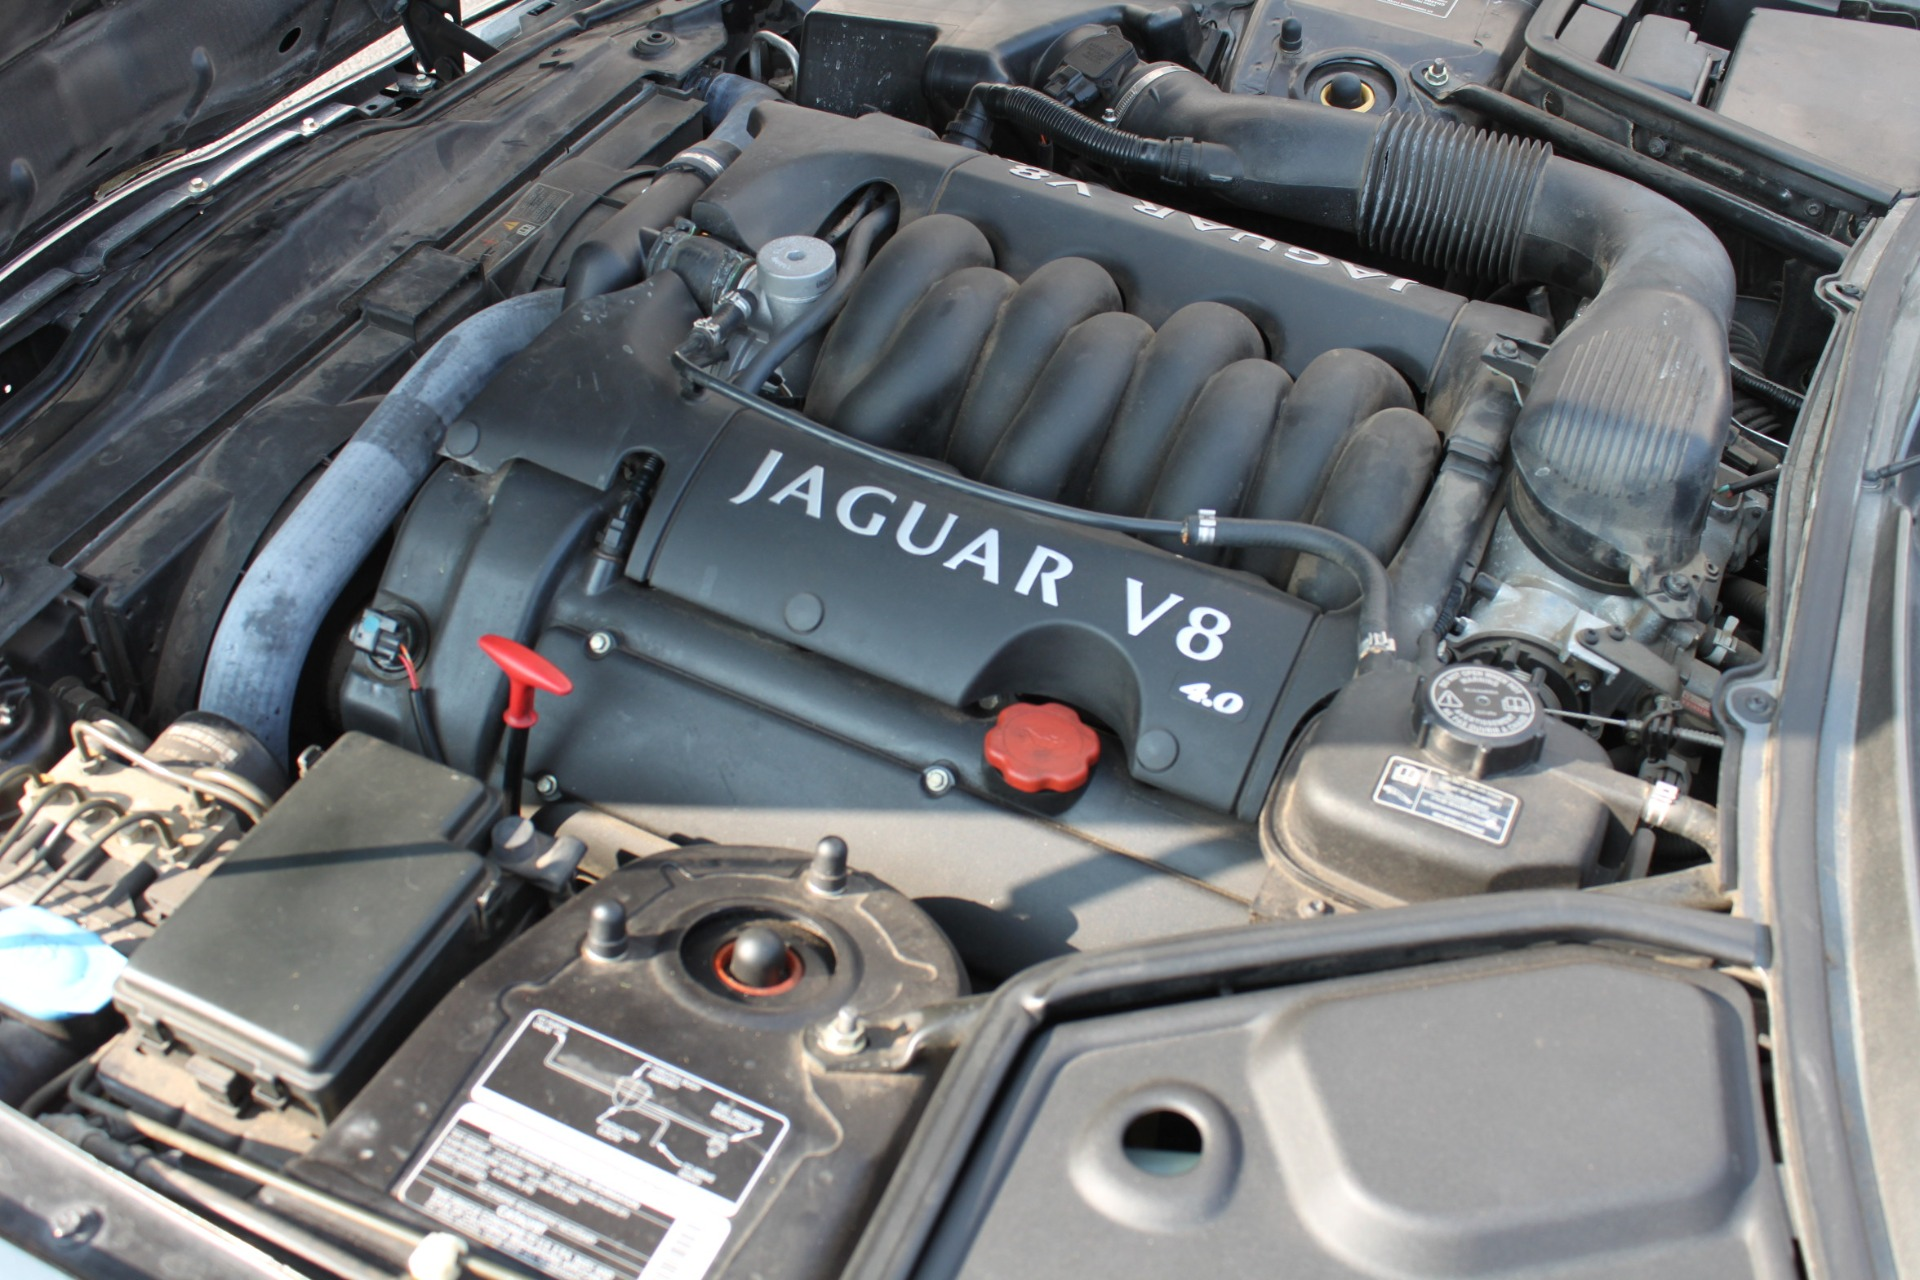 Used-2002-Jaguar-XK8-Convertible-XK8-Acura